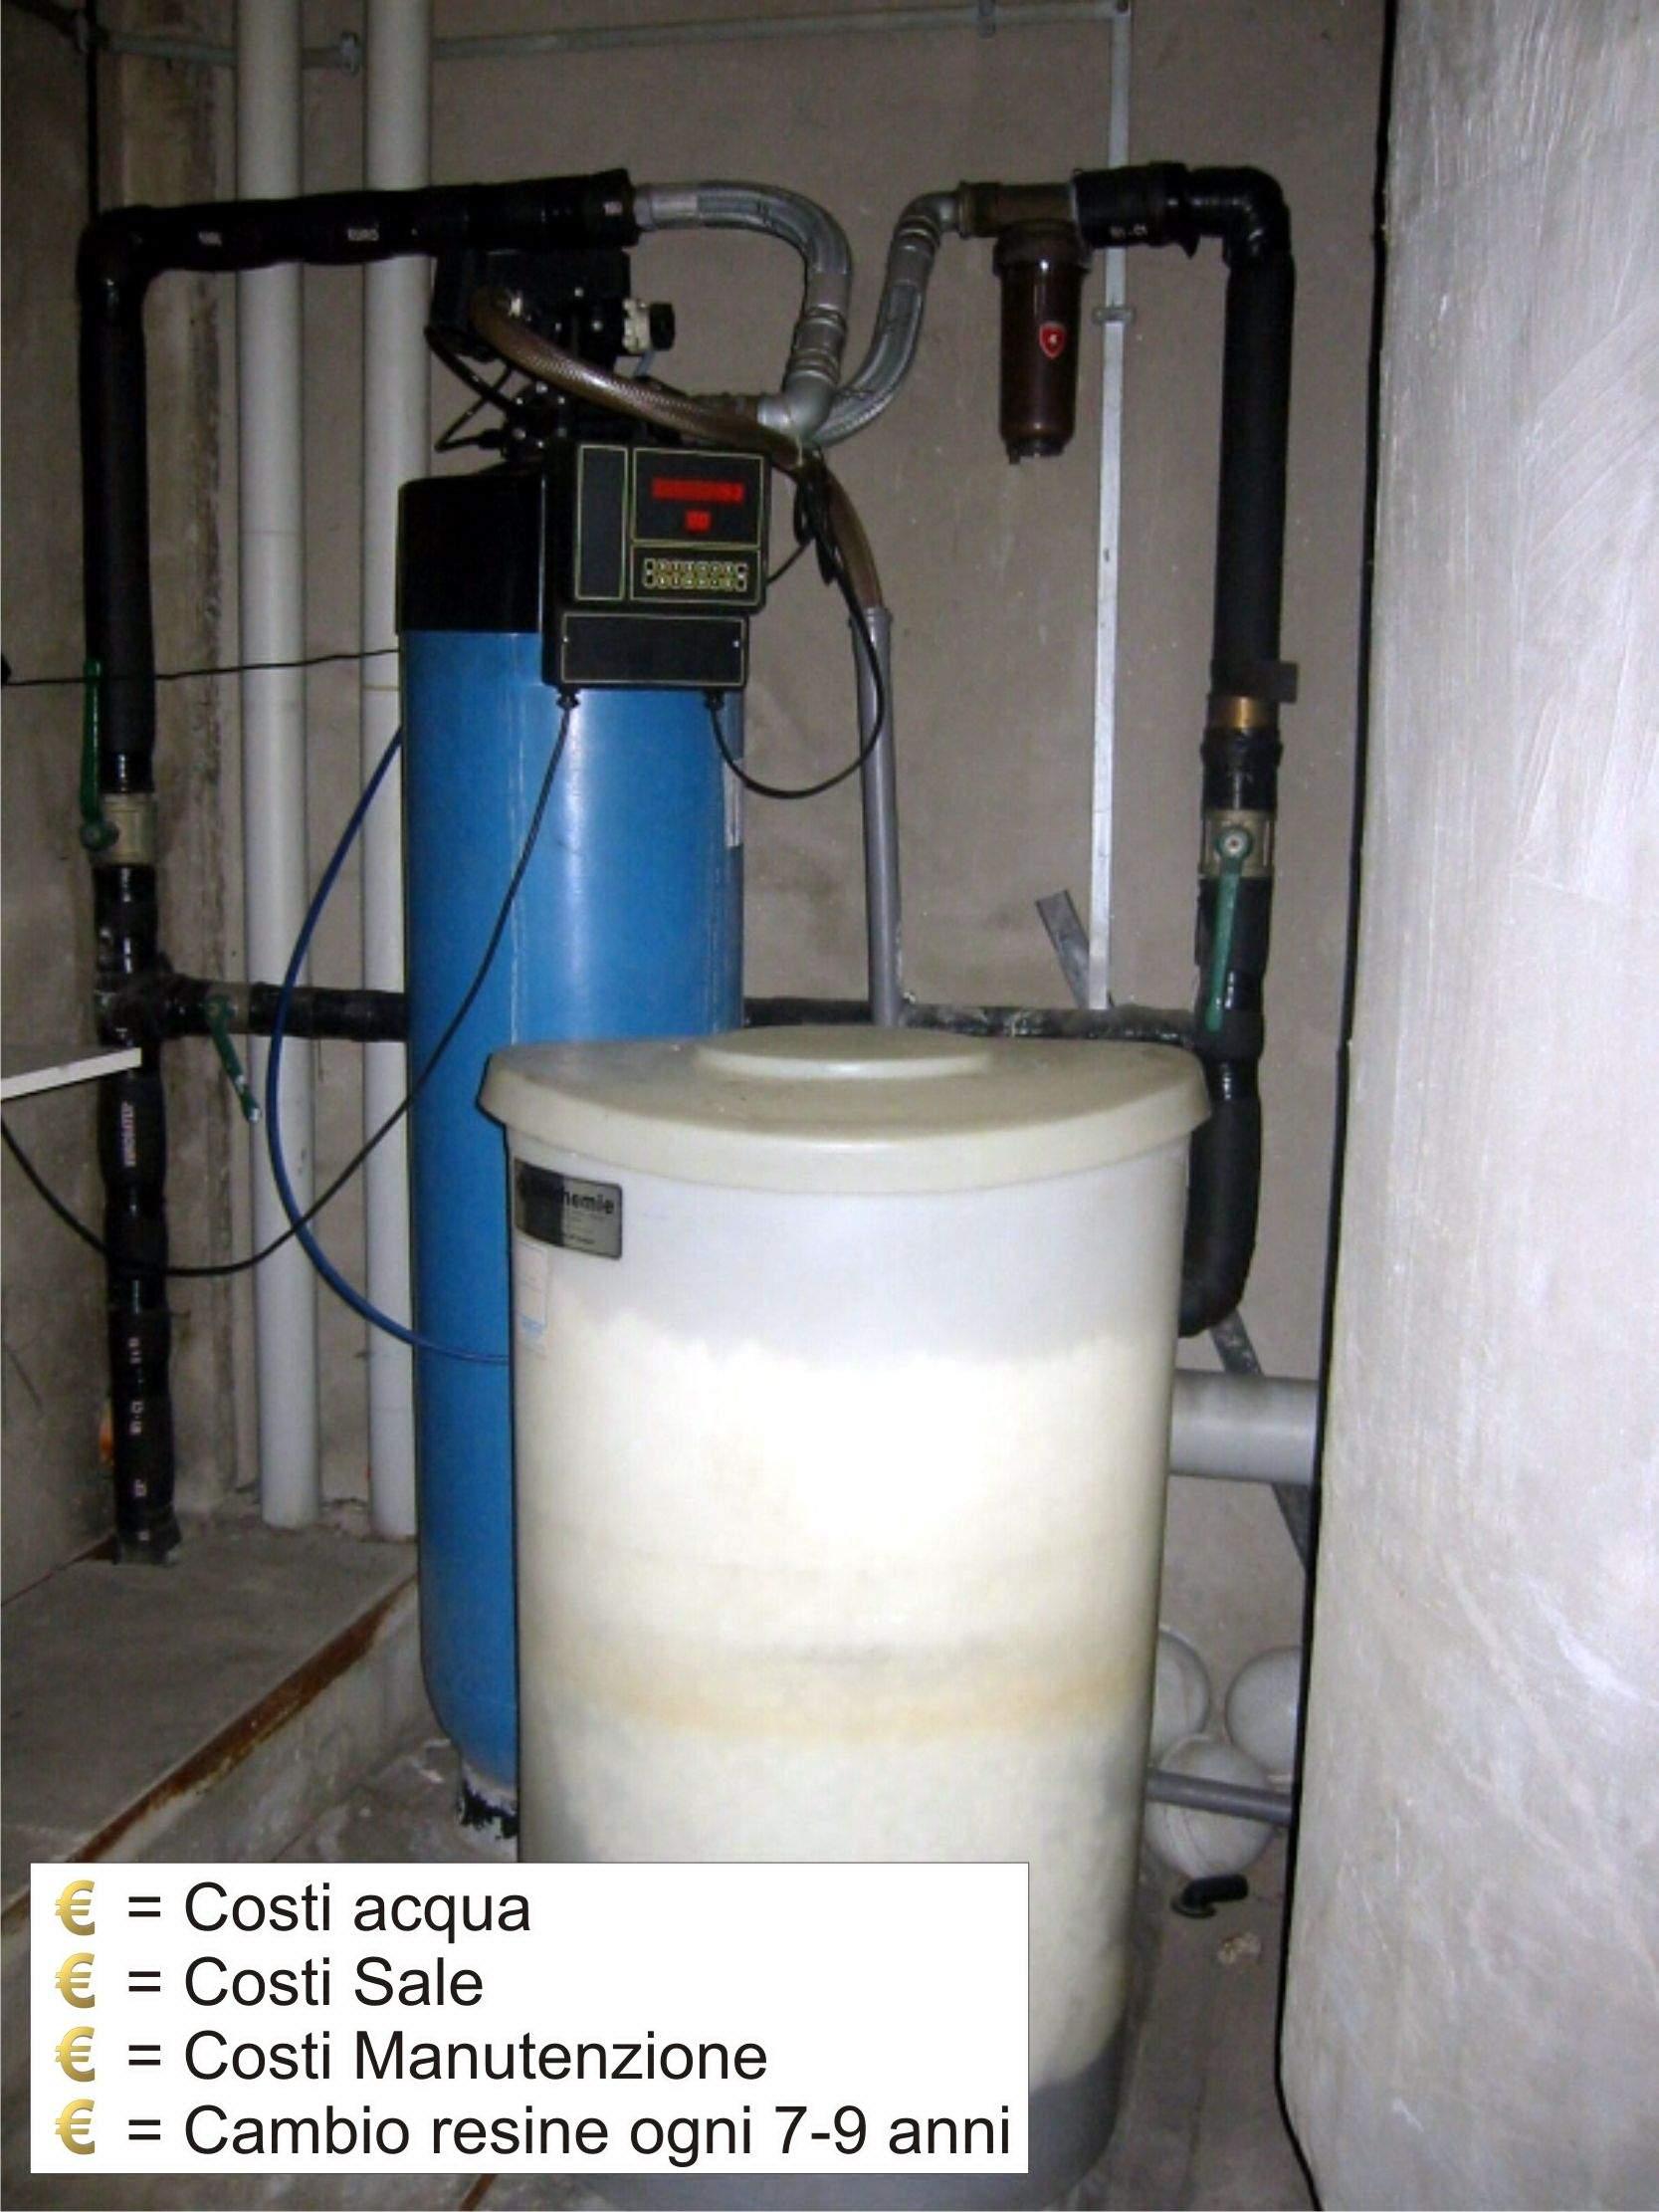 Costi di gestione a confronto addolcitore vs kalko tronic - Addolcitore acqua casa ...